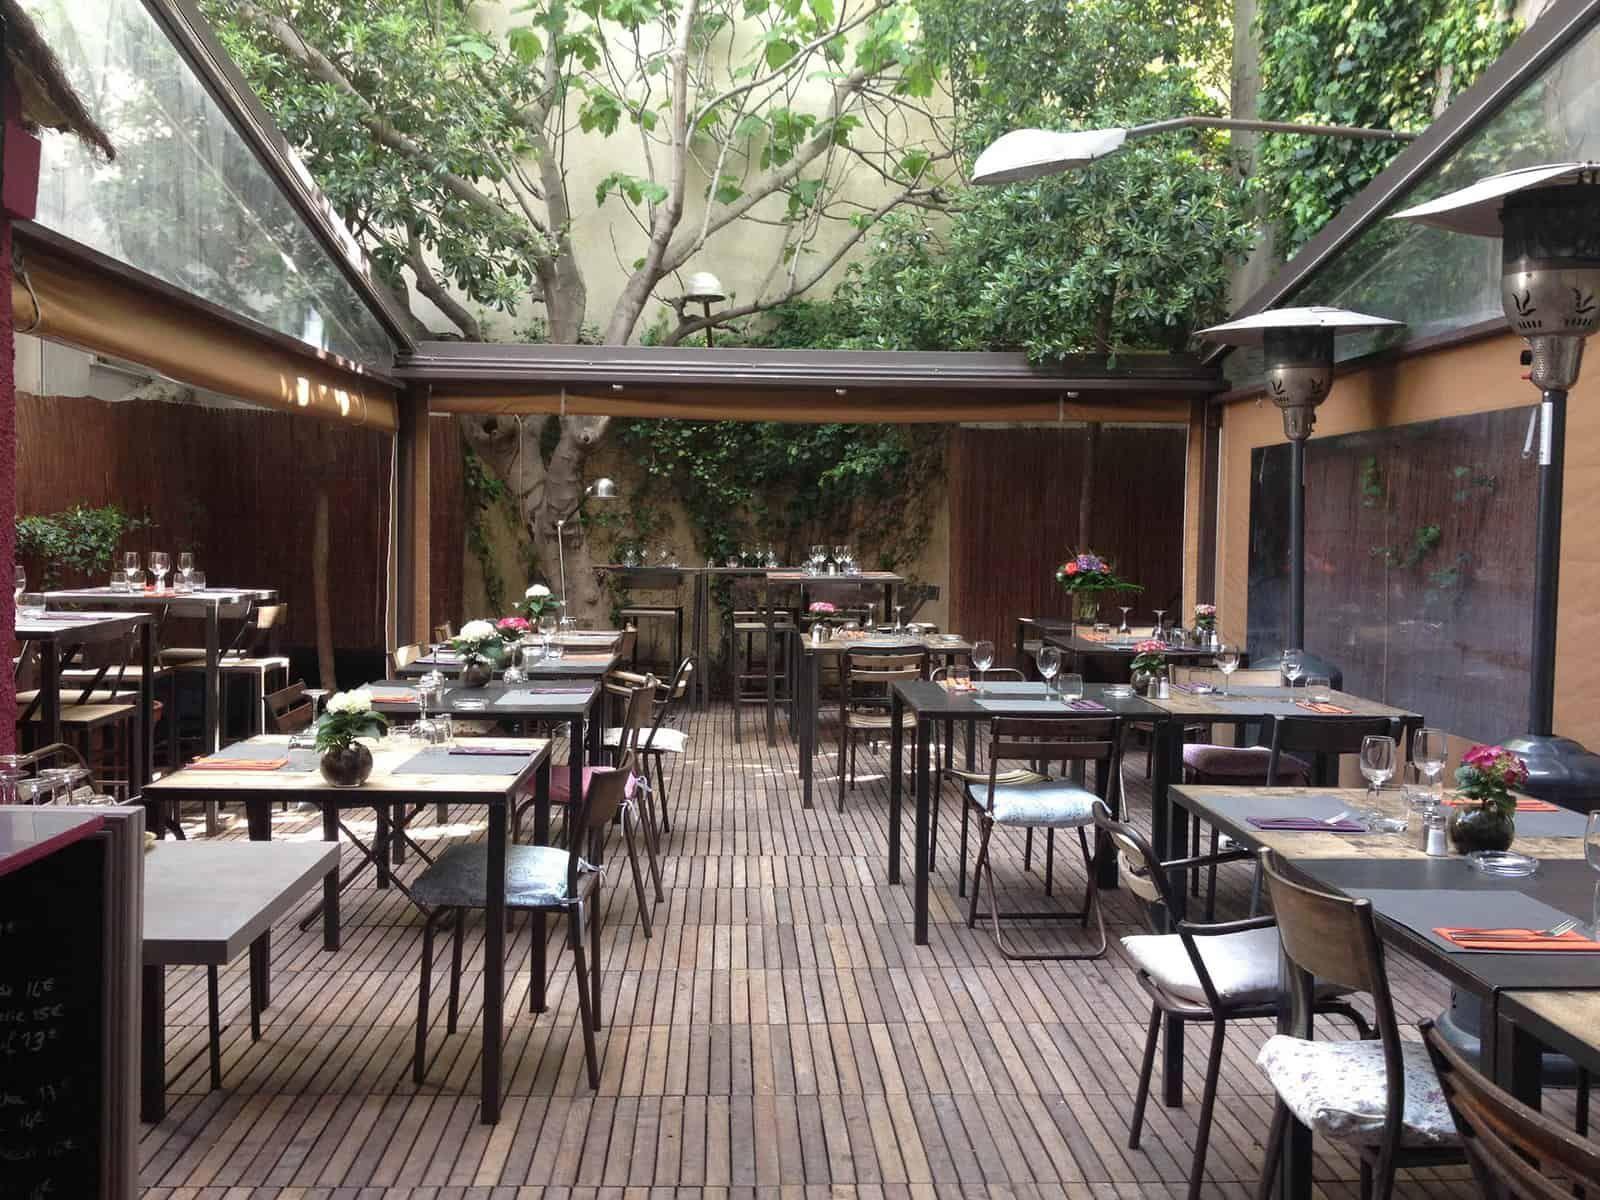 Blonde Brune Restaurant Patio Restaurant Marseille Patio Marseille